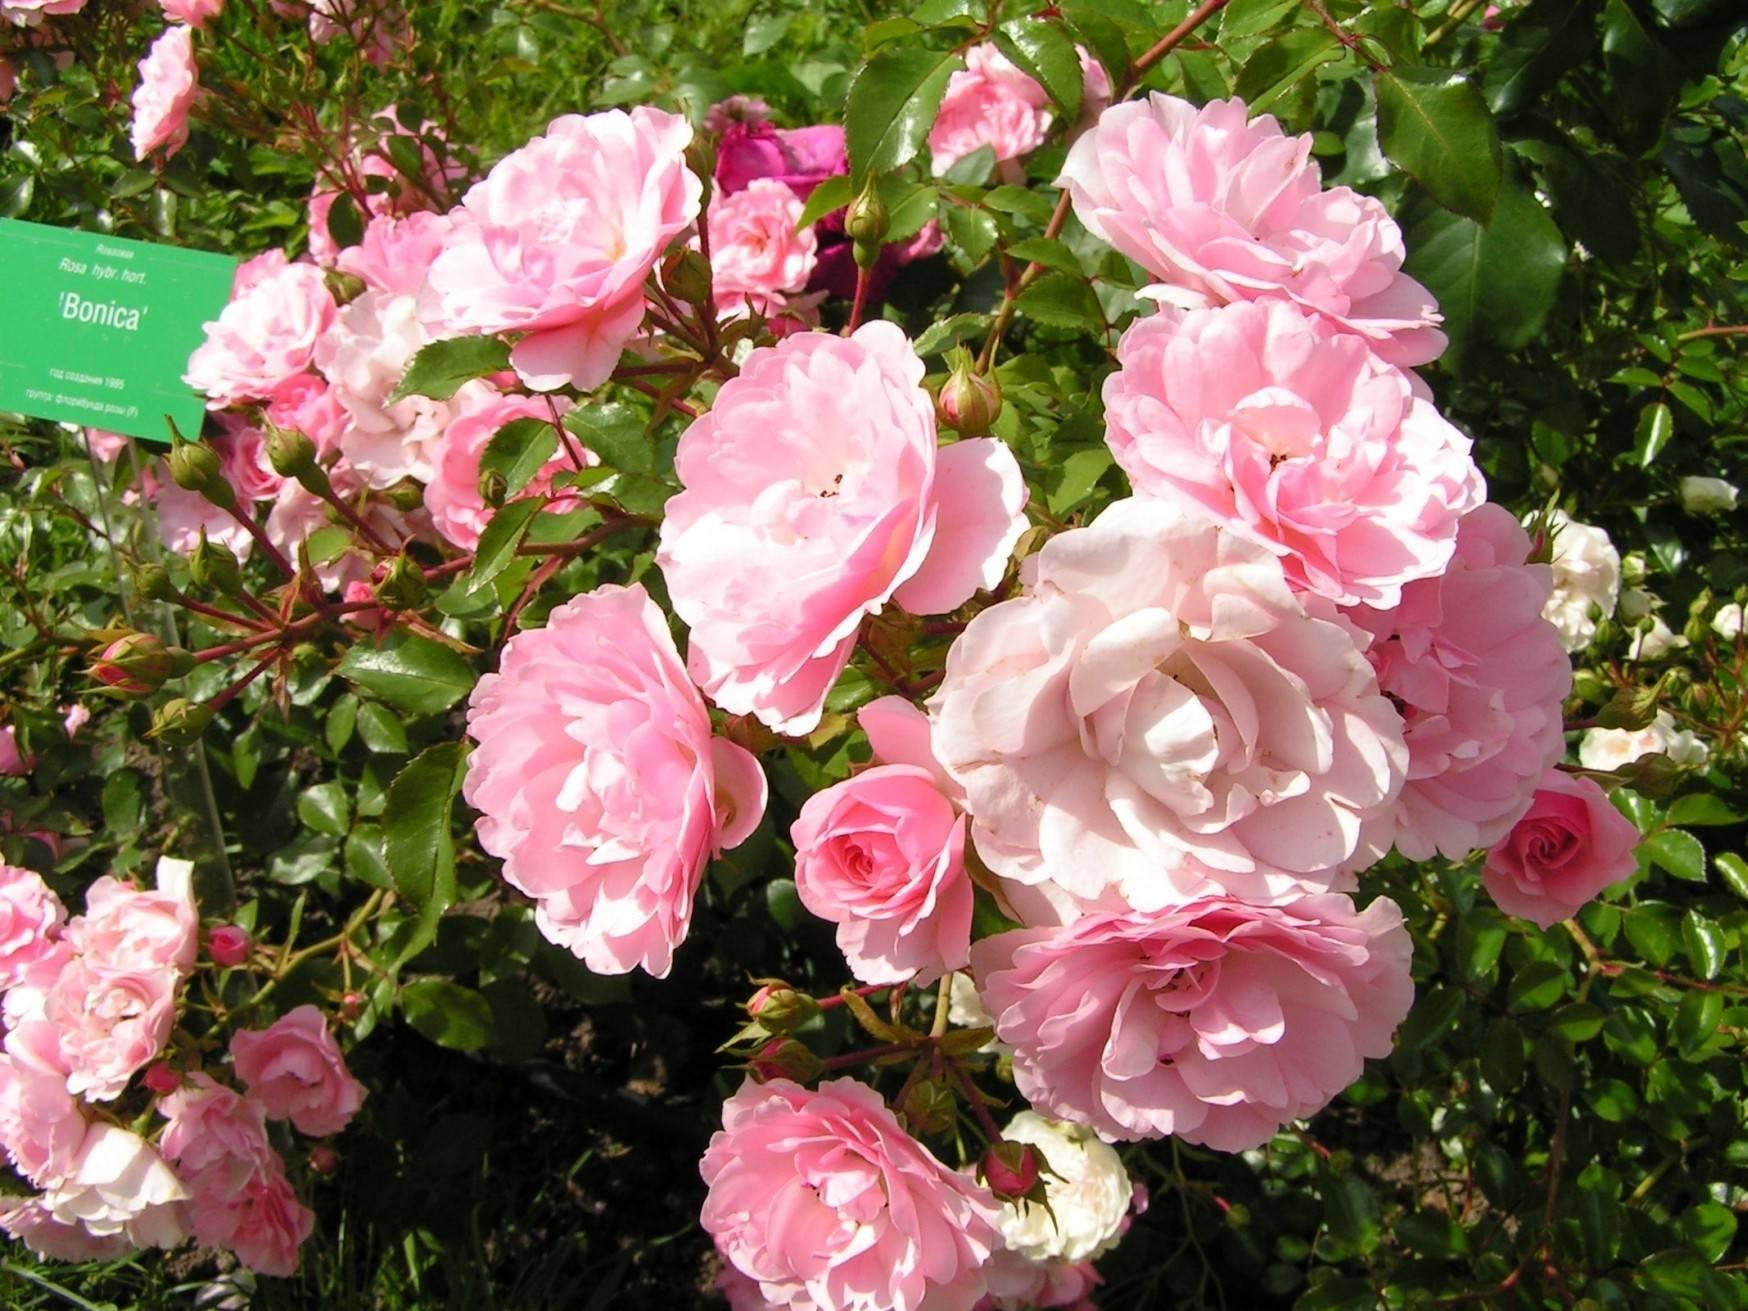 Эти загадочные сиреневые розы